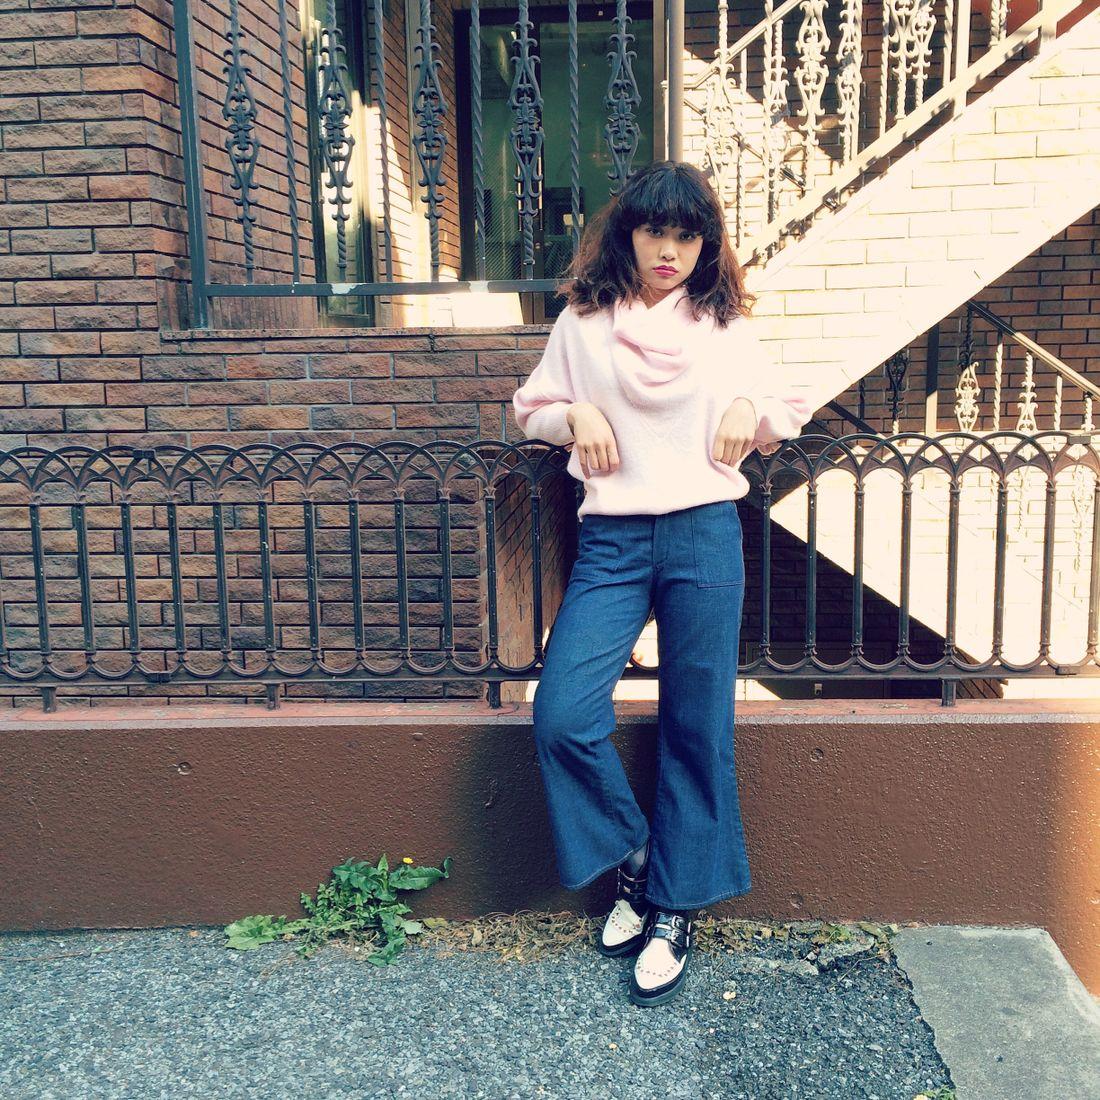 セーターを着たコーディネートが女性らしい魅力的なファッションに♡のサムネイル画像